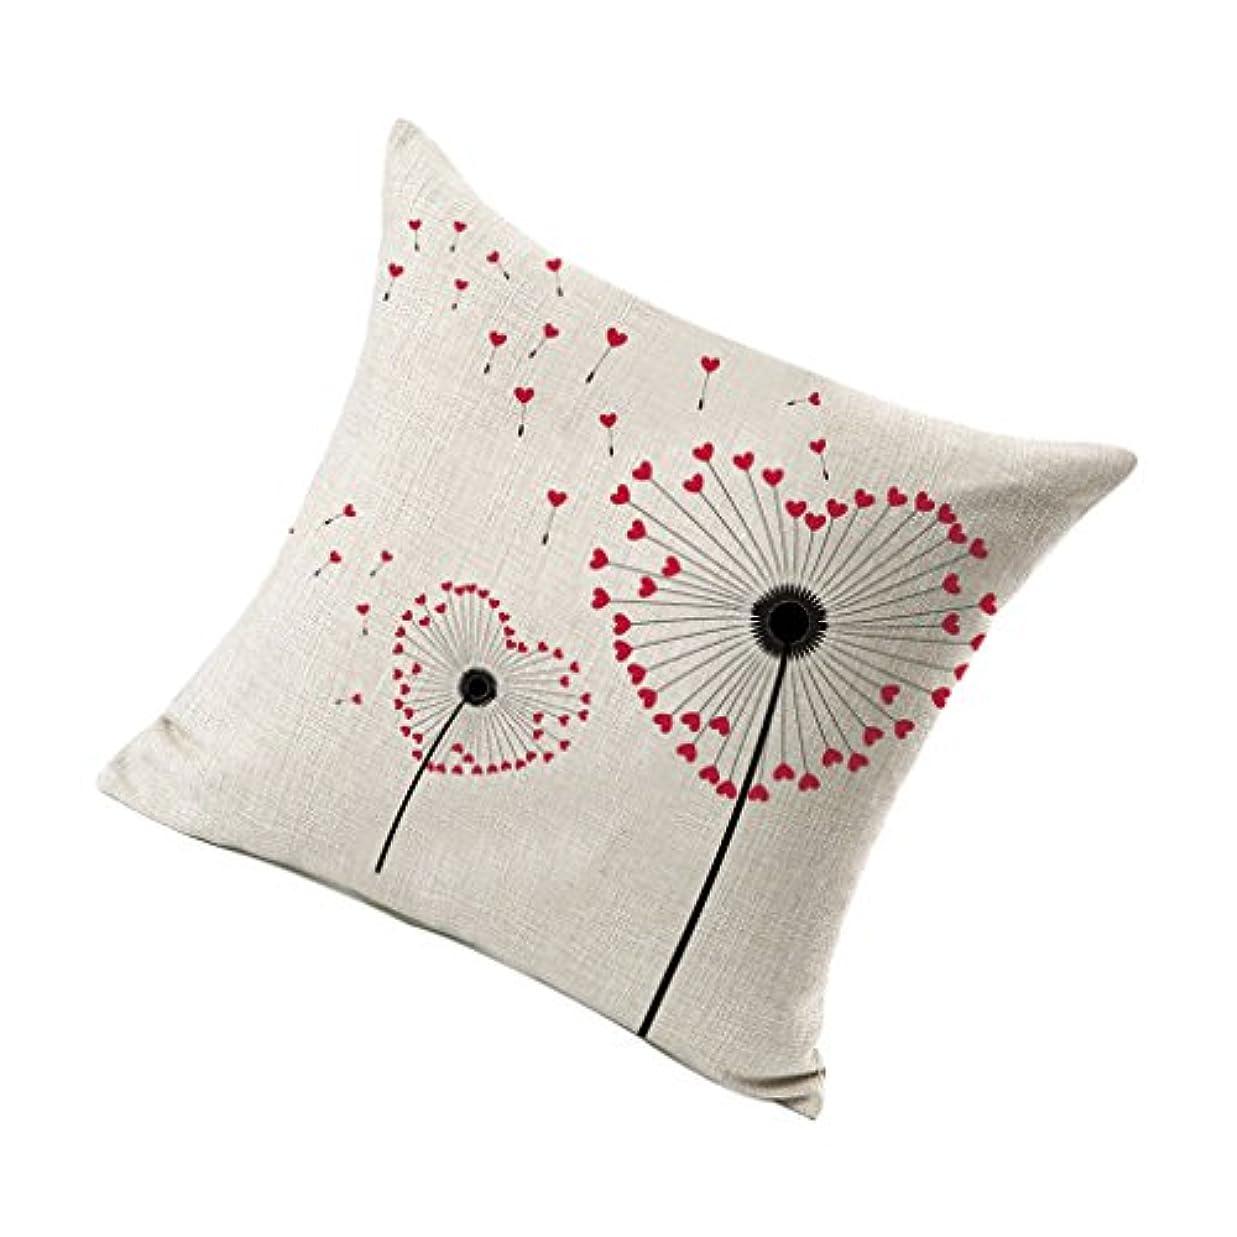 感心する飢えキャッチクッションカスタムタンポポモデルカーホームソファオフィス装飾用枕カバーカバーカバーケース - 赤いハート形のタンポポ